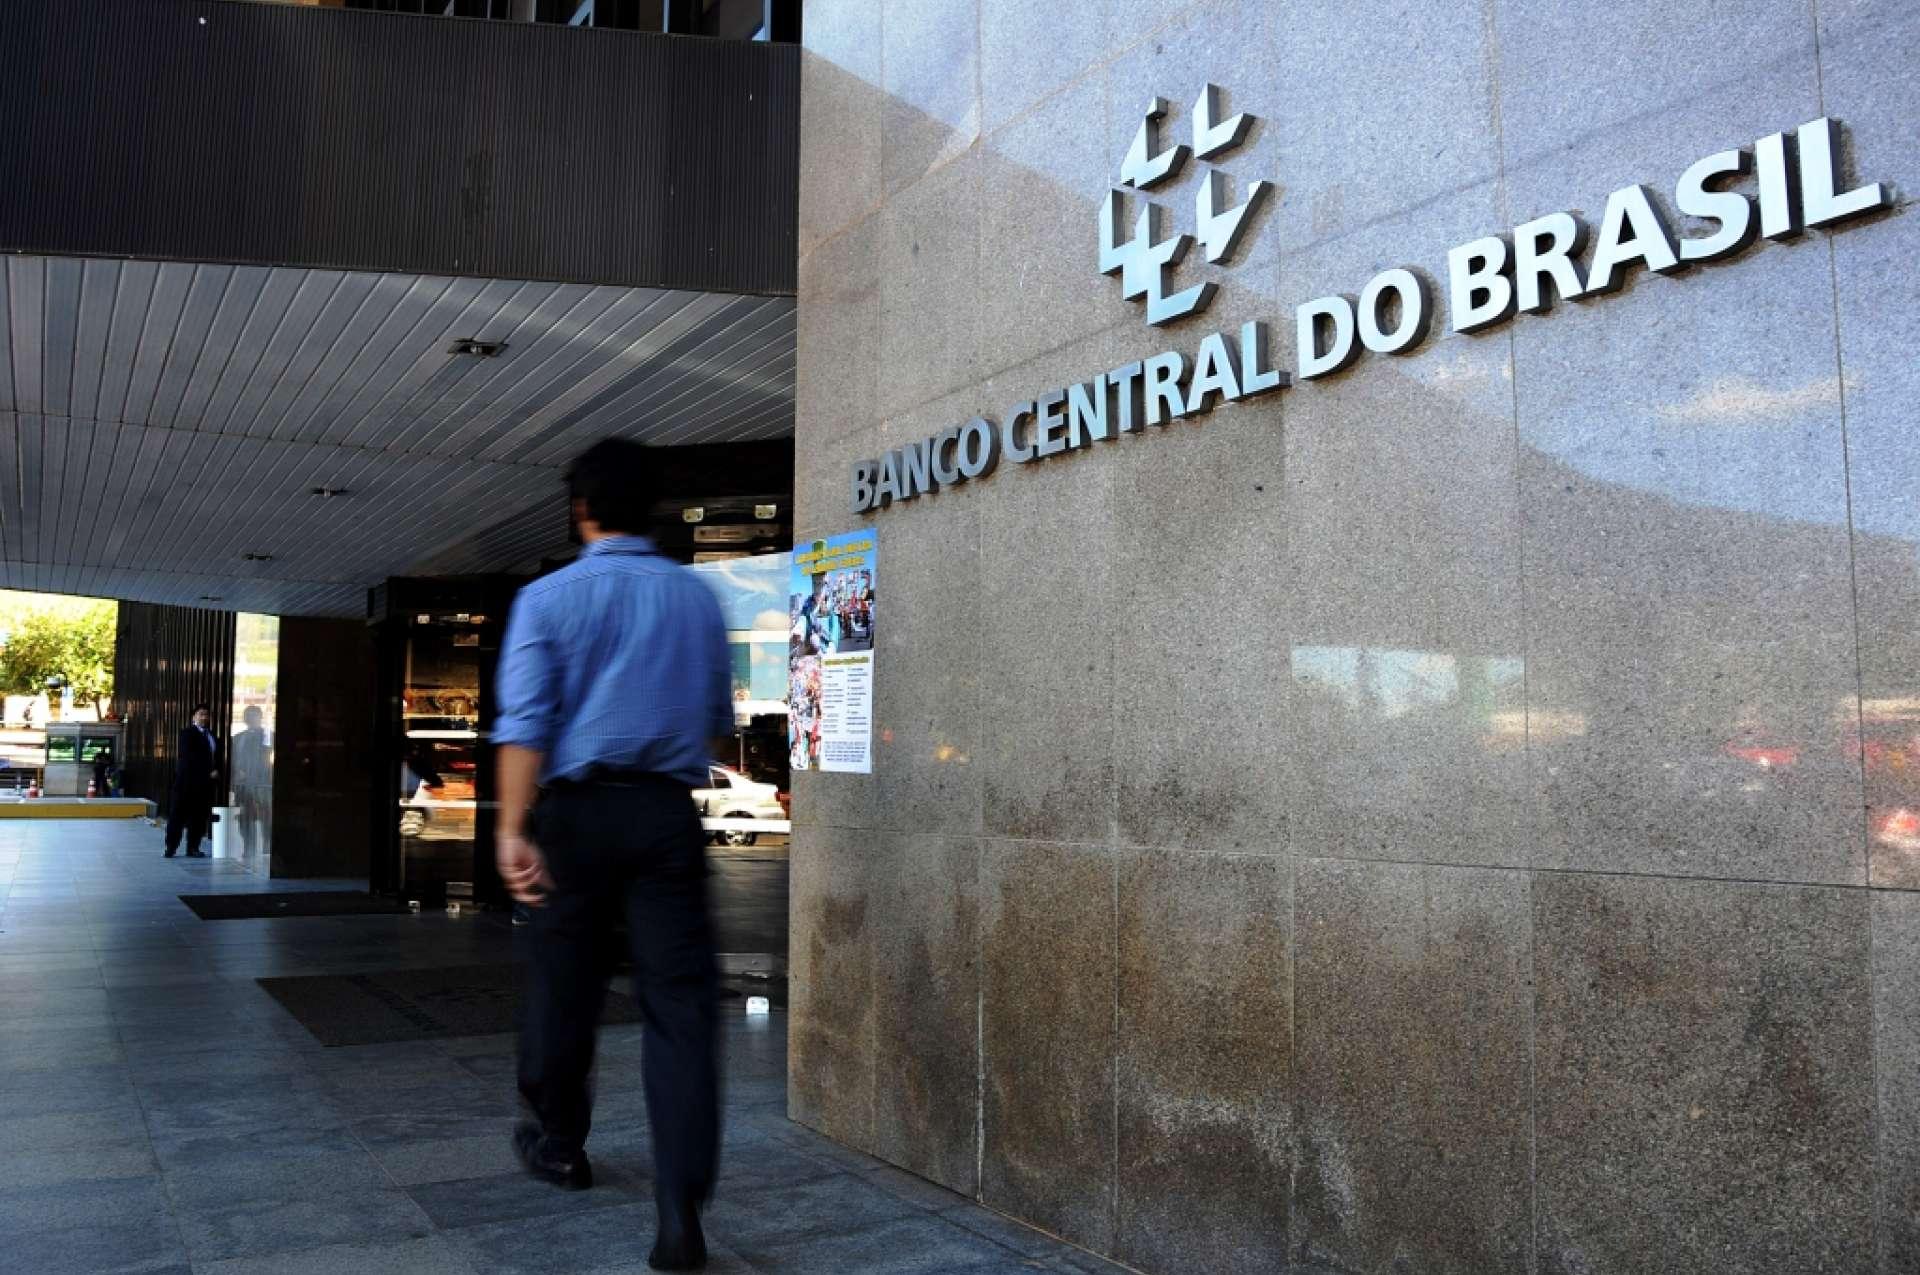 Melhores investimentos no brasil